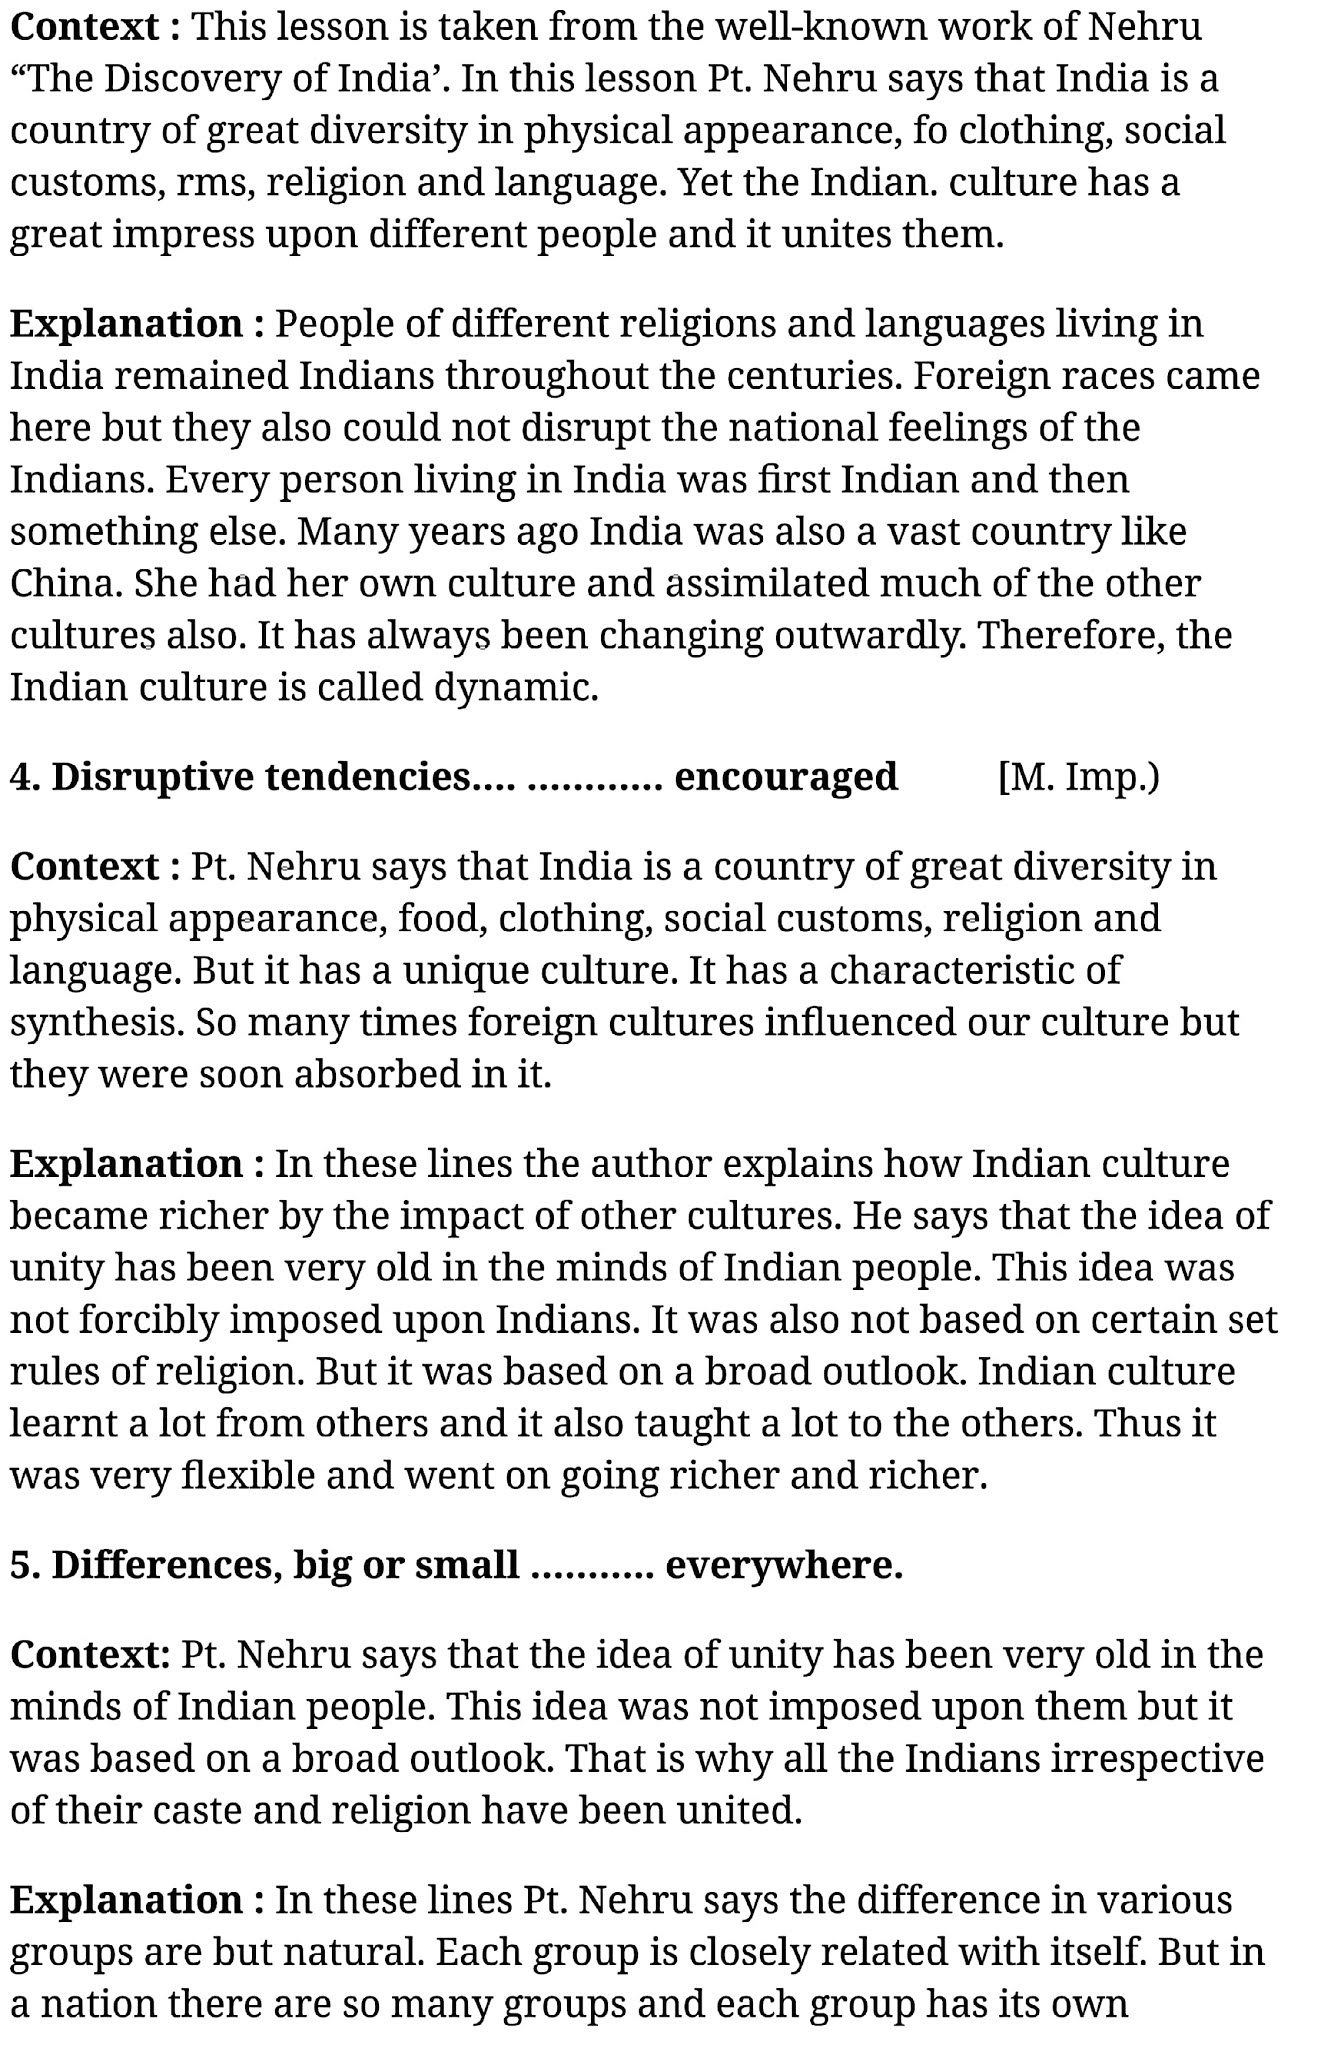 कक्षा 11 अंग्रेज़ी Prose अध्याय 5  के नोट्स हिंदी में एनसीईआरटी समाधान,   class 11 Prose chapter 5 Prose chapter 1,  class 11 Prose chapter 5 Prose chapter 5 ncert solutions in hindi,  class 11 Prose chapter 5 Prose chapter 5 notes in hindi,  class 11 Prose chapter 5 Prose chapter 5 question answer,  class 11 Prose chapter 5 Prose chapter 5 notes,  11   class Prose chapter 5 Prose chapter 5 in hindi,  class 11 Prose chapter 5 Prose chapter 5 in hindi,  class 11 Prose chapter 5 Prose chapter 5 important questions in hindi,  class 11 Prose chapter 5 notes in hindi,  class 11 Prose chapter 5 Prose chapter 5 test,  class 11 Prose chapter 1Prose chapter 5 pdf,  class 11 Prose chapter 5 Prose chapter 5 notes pdf,  class 11 Prose chapter 5 Prose chapter 5 exercise solutions,  class 11 Prose chapter 5 Prose chapter 1, class 11 Prose chapter 5 Prose chapter 5 notes study rankers,  class 11 Prose chapter 5 Prose chapter 5 notes,  class 11 Prose chapter 5 notes,   Prose chapter 5  class 11  notes pdf,  Prose chapter 5 class 11  notes 2021 ncert,   Prose chapter 5 class 11 pdf,    Prose chapter 5  book,     Prose chapter 5 quiz class 11  ,       11  th Prose chapter 5    book up board,       up board 11  th Prose chapter 5 notes,  कक्षा 11 अंग्रेज़ी Prose अध्याय 5 , कक्षा 11 अंग्रेज़ी का Prose अध्याय 5  ncert solution in hindi, कक्षा 11 अंग्रेज़ी के Prose अध्याय 5  के नोट्स हिंदी में, कक्षा 11 का अंग्रेज़ीProse अध्याय 5 का प्रश्न उत्तर, कक्षा 11 अंग्रेज़ी Prose अध्याय 5 के नोट्स, 11 कक्षा अंग्रेज़ी Prose अध्याय 5   हिंदी में,कक्षा 11 अंग्रेज़ी Prose अध्याय 5  हिंदी में, कक्षा 11 अंग्रेज़ी Prose अध्याय 5  महत्वपूर्ण प्रश्न हिंदी में,कक्षा 11 के अंग्रेज़ी के नोट्स हिंदी में,अंग्रेज़ी कक्षा 11 नोट्स pdf,  अंग्रेज़ी  कक्षा 11 नोट्स 2021 ncert,  अंग्रेज़ी  कक्षा 11 pdf,  अंग्रेज़ी  पुस्तक,  अंग्रेज़ी की बुक,  अंग्रेज़ी  प्रश्नोत्तरी class 11  , 11   वीं अंग्रेज़ी  पुस्तक up board,  बिहार बोर्ड 11  पुस्तक वीं अंग्रेज़ी नोट्स,    11th Prose chapter 1   book in hindi,11  th Prose chapt